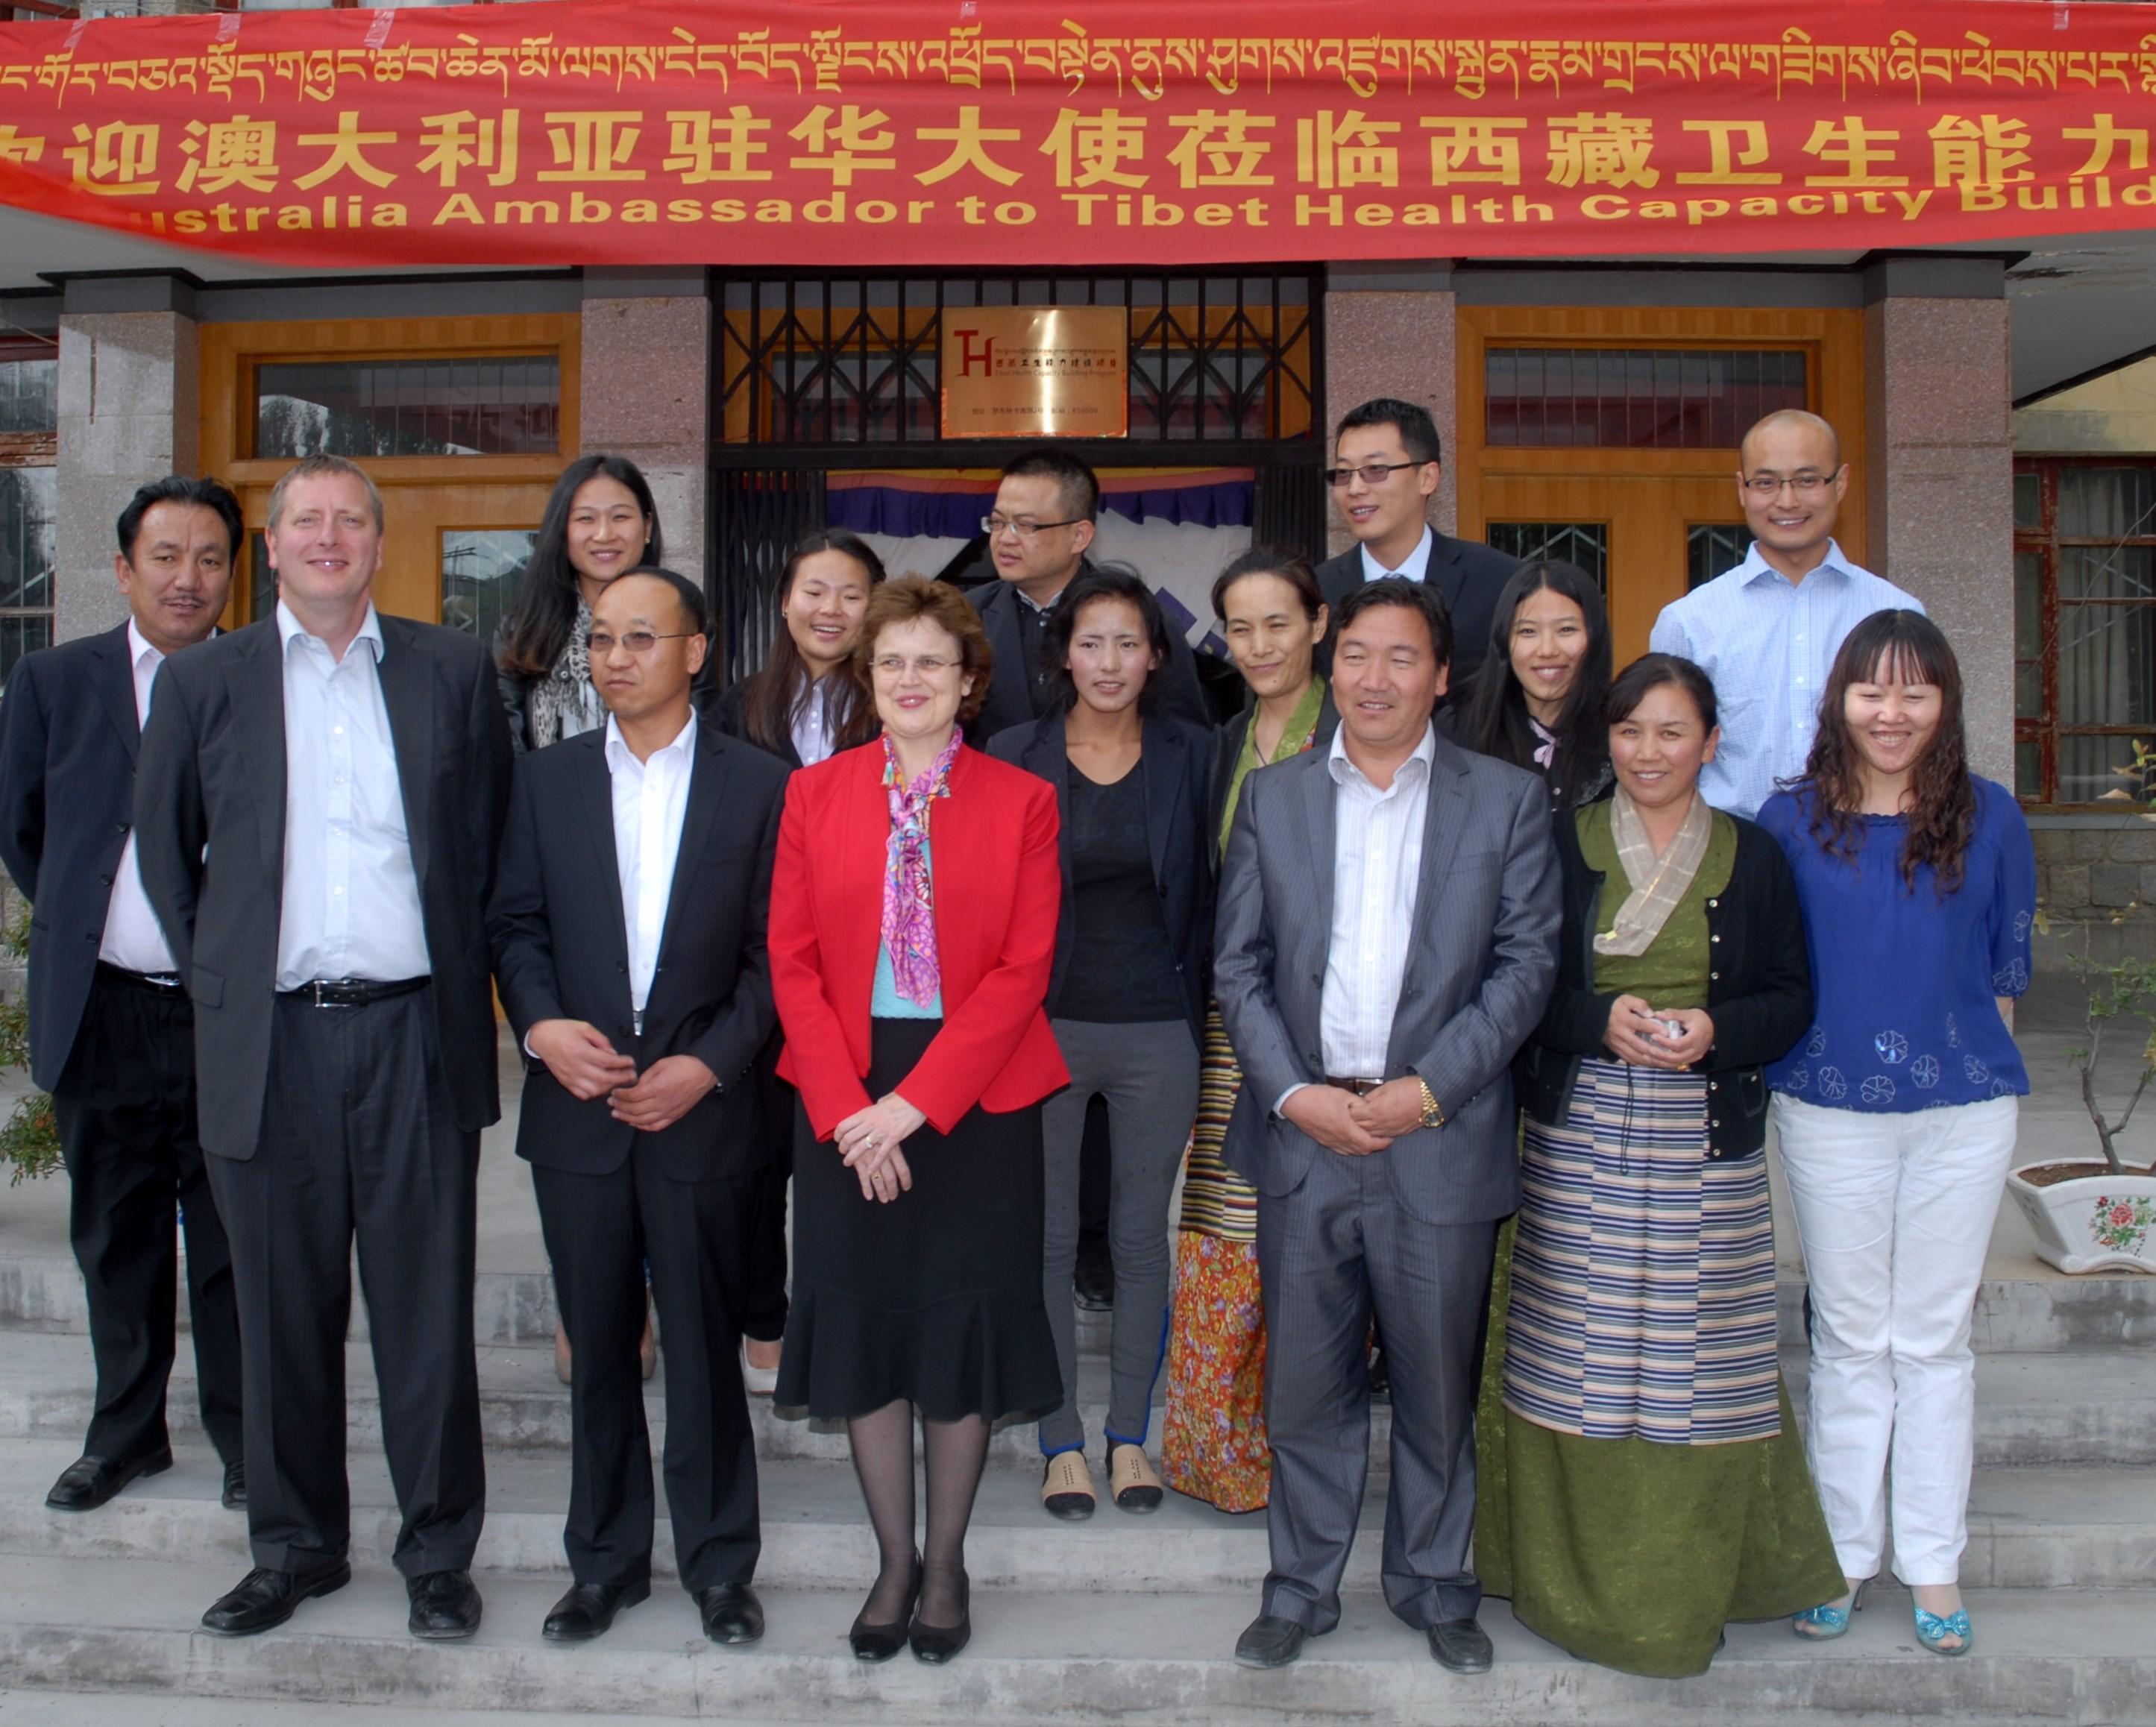 Australian Diplomat Granted Rare Tibet Visit